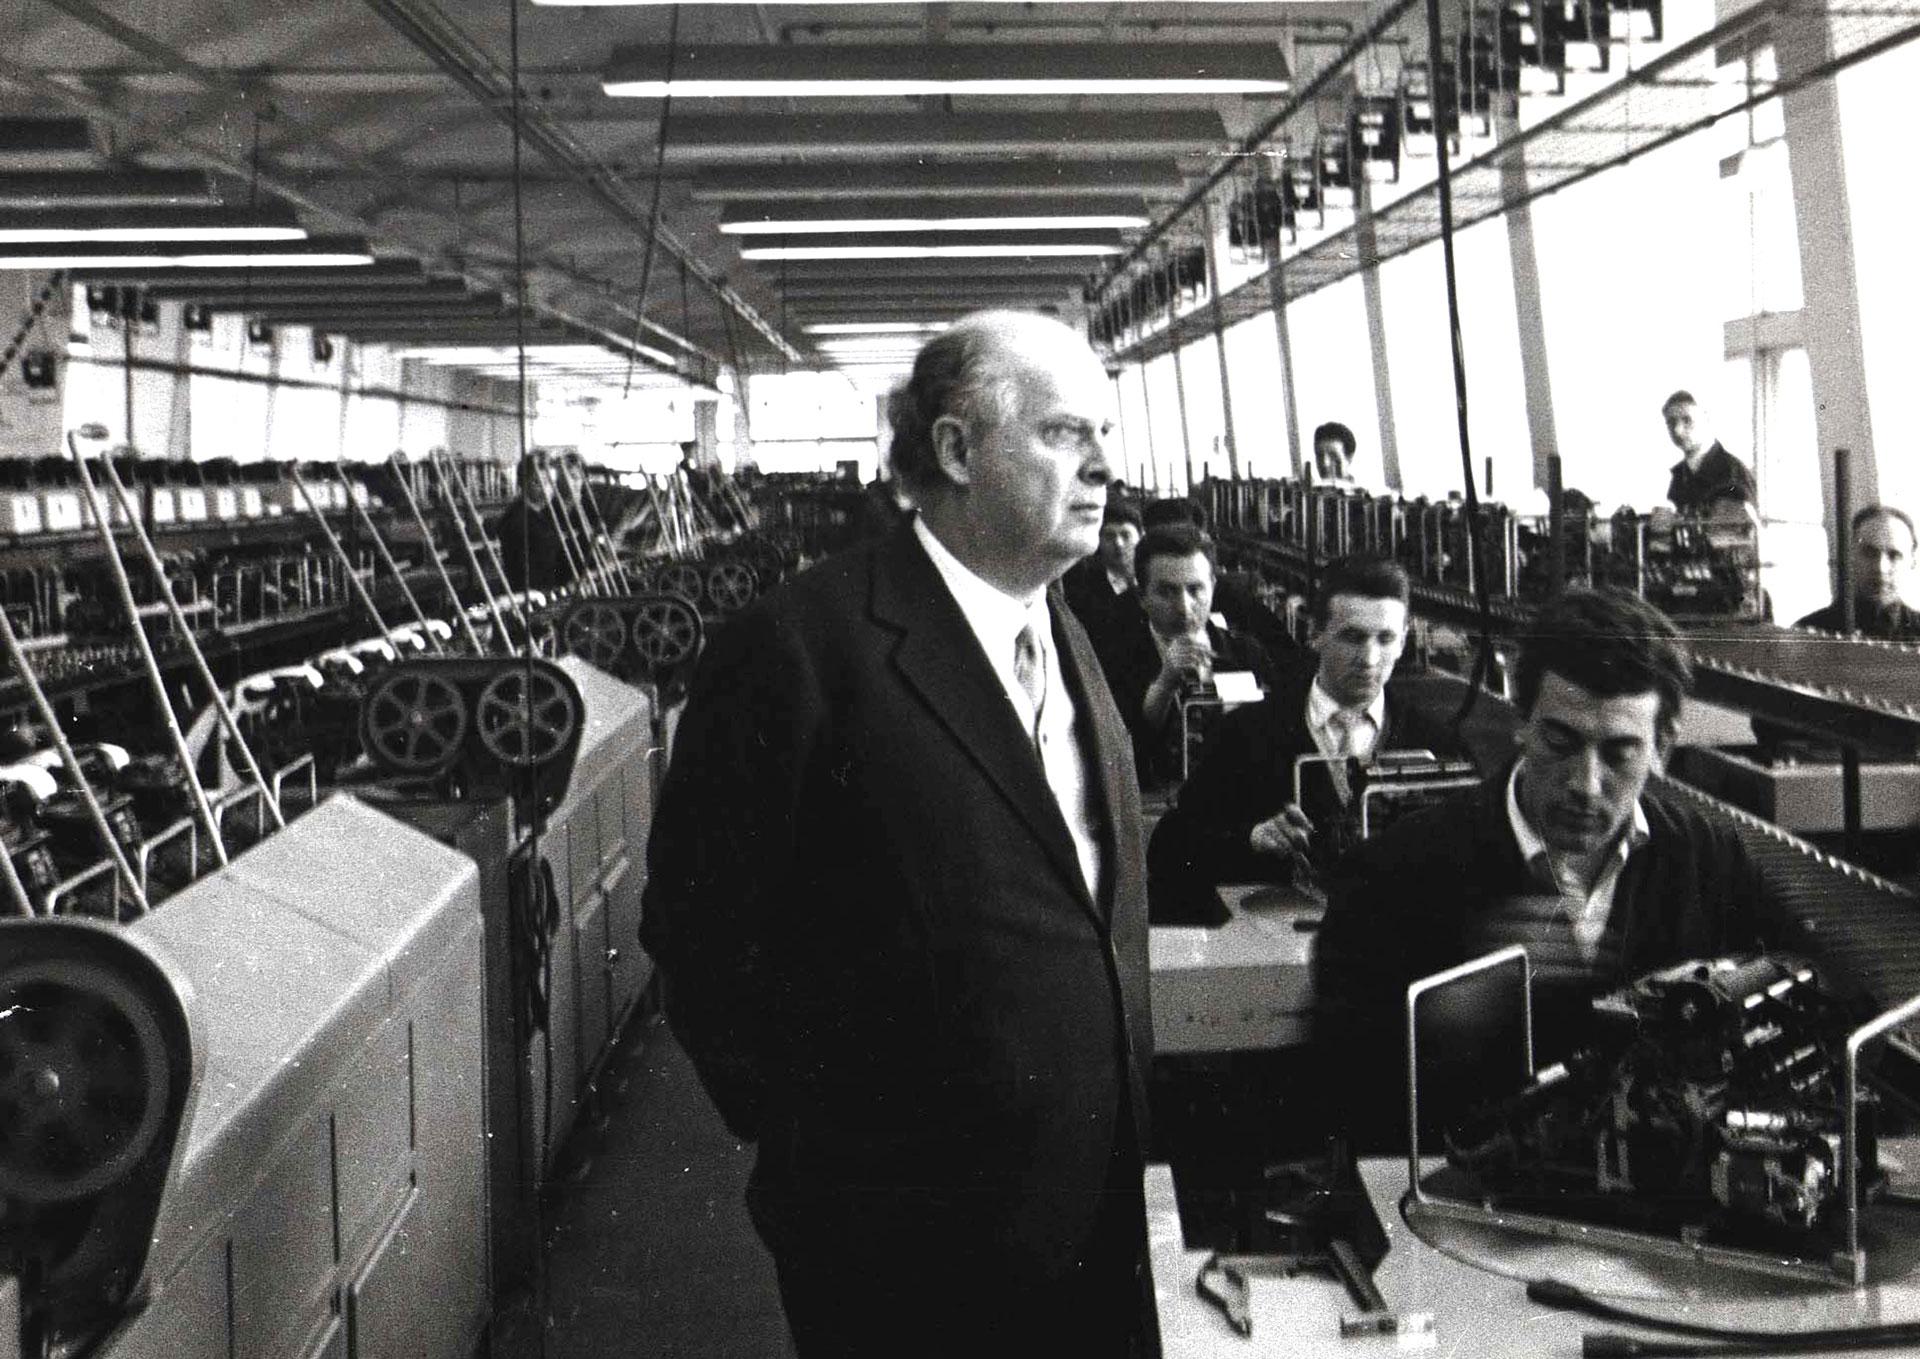 Adriano Olivetti all'interno della fabbrica osserva gli operai al lavoro